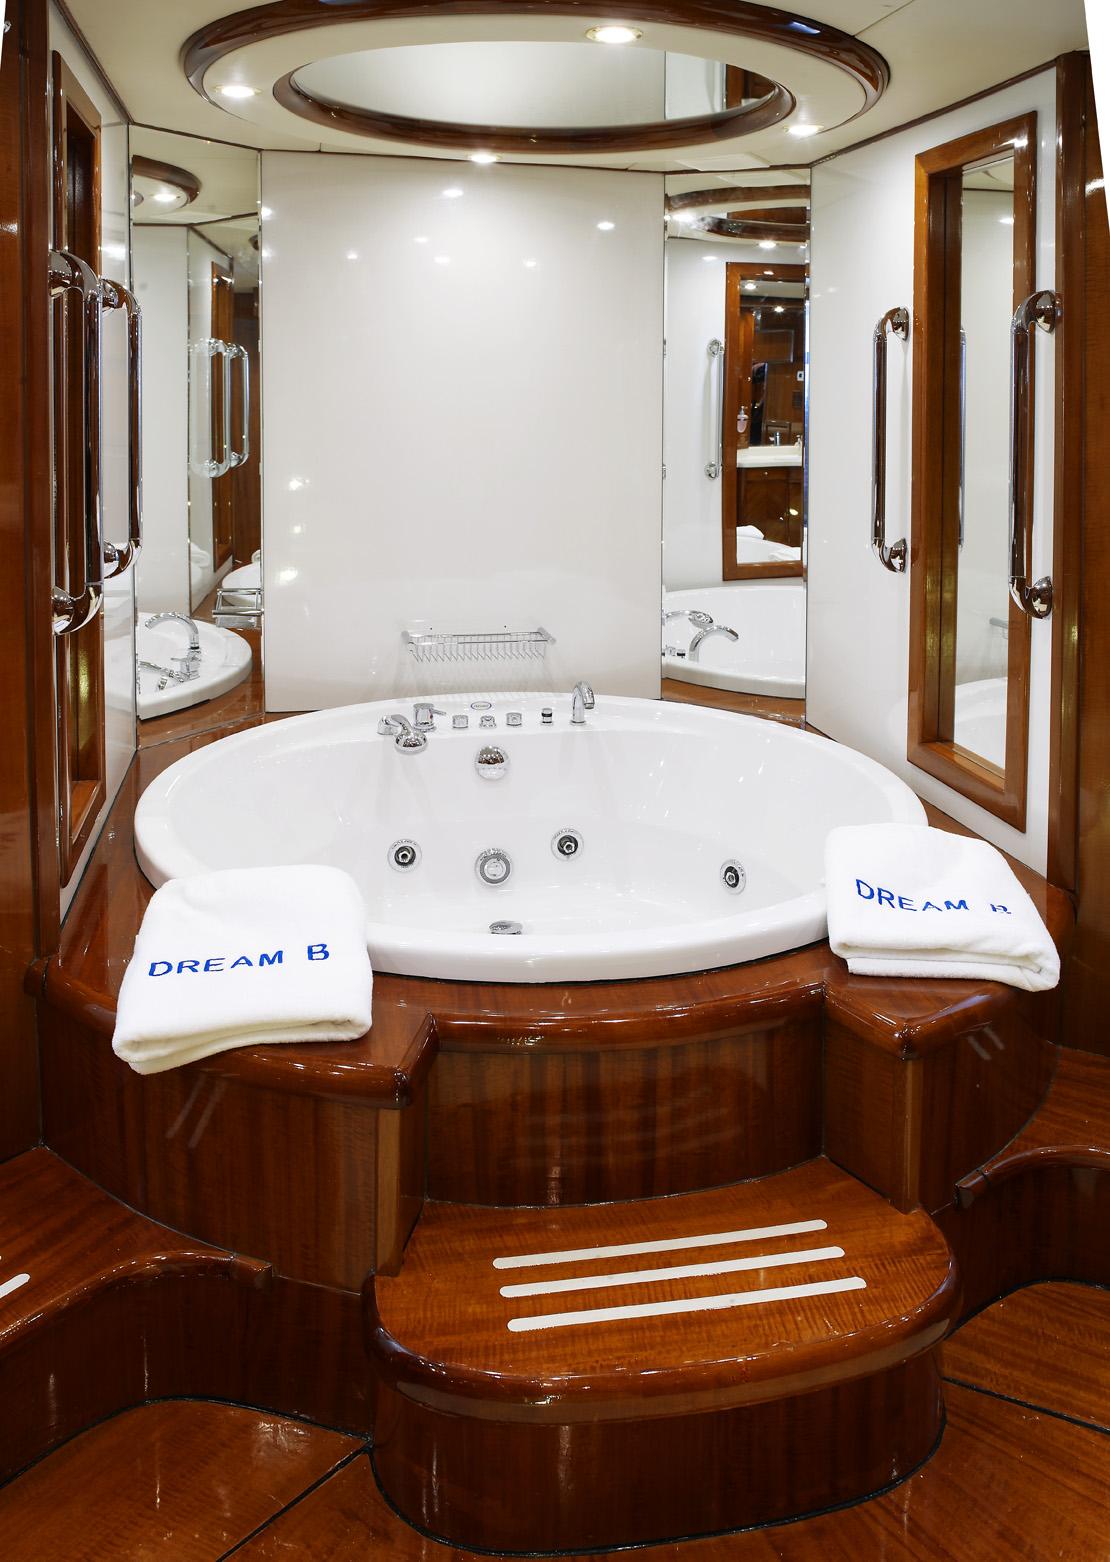 Dream b master bathroom luxury yacht browser by for Dream master bathroom